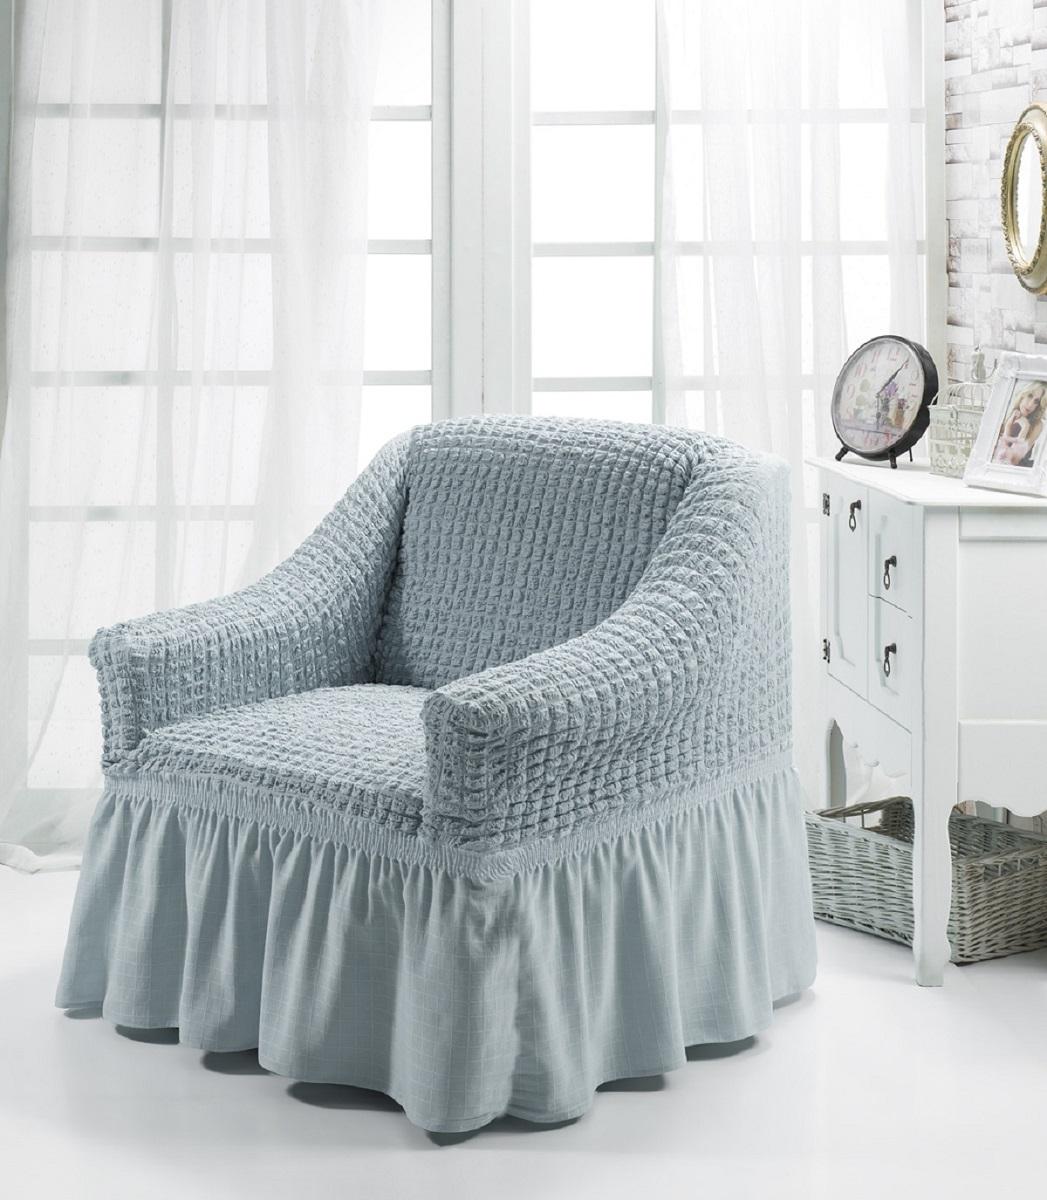 Чехол для кресла Burumcuk Bulsan, цвет: серый1797/CHAR005Чехол на кресло Burumcuk Bulsan выполнен из высококачественного полиэстера и хлопка с красивым рельефом. Предназначен для кресла стандартного размера со спинкой высотой в 140 см. Такой чехол изысканно дополнит интерьер вашего дома. Изделие прорезинено со всех сторон и оснащено закрывающей оборкой. Ширина и глубина посадочного места: 70-80 см. Высота спинки от сиденья: 70-80 см. Высота подлокотников: 35-45 см. Ширина подлокотников: 25-35 см. Длина оборки: 35 см.